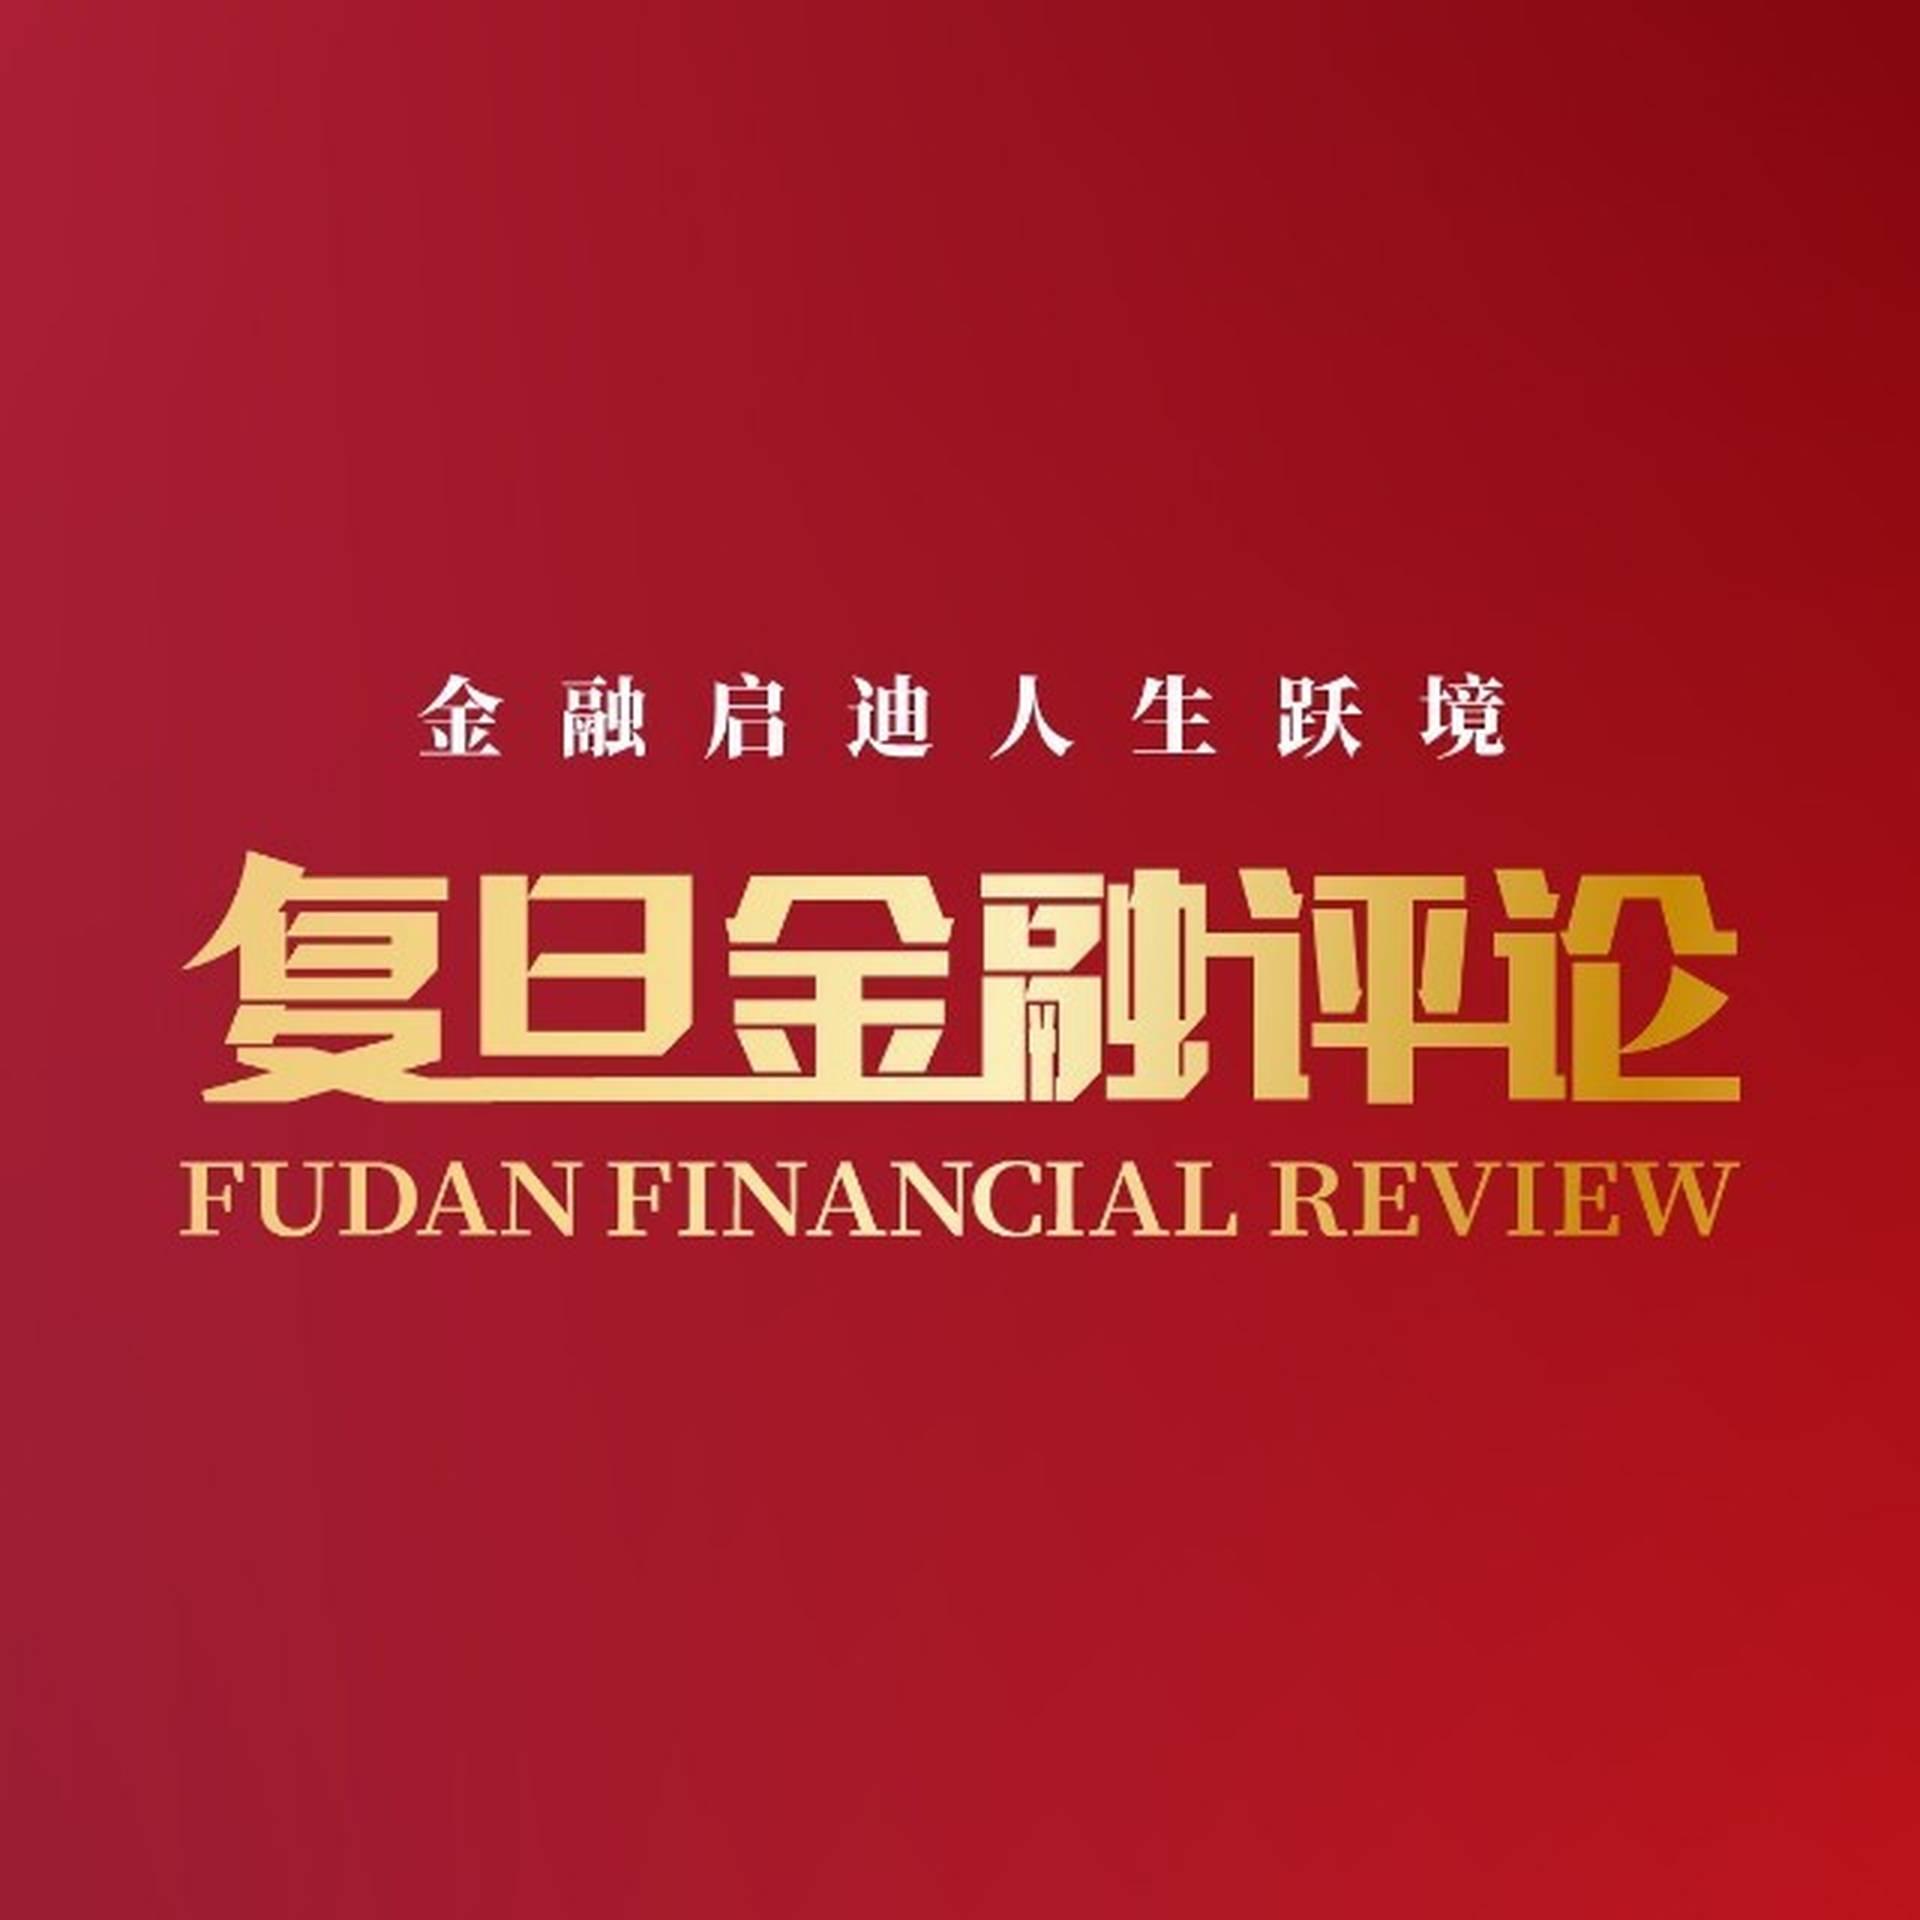 復旦金融評論